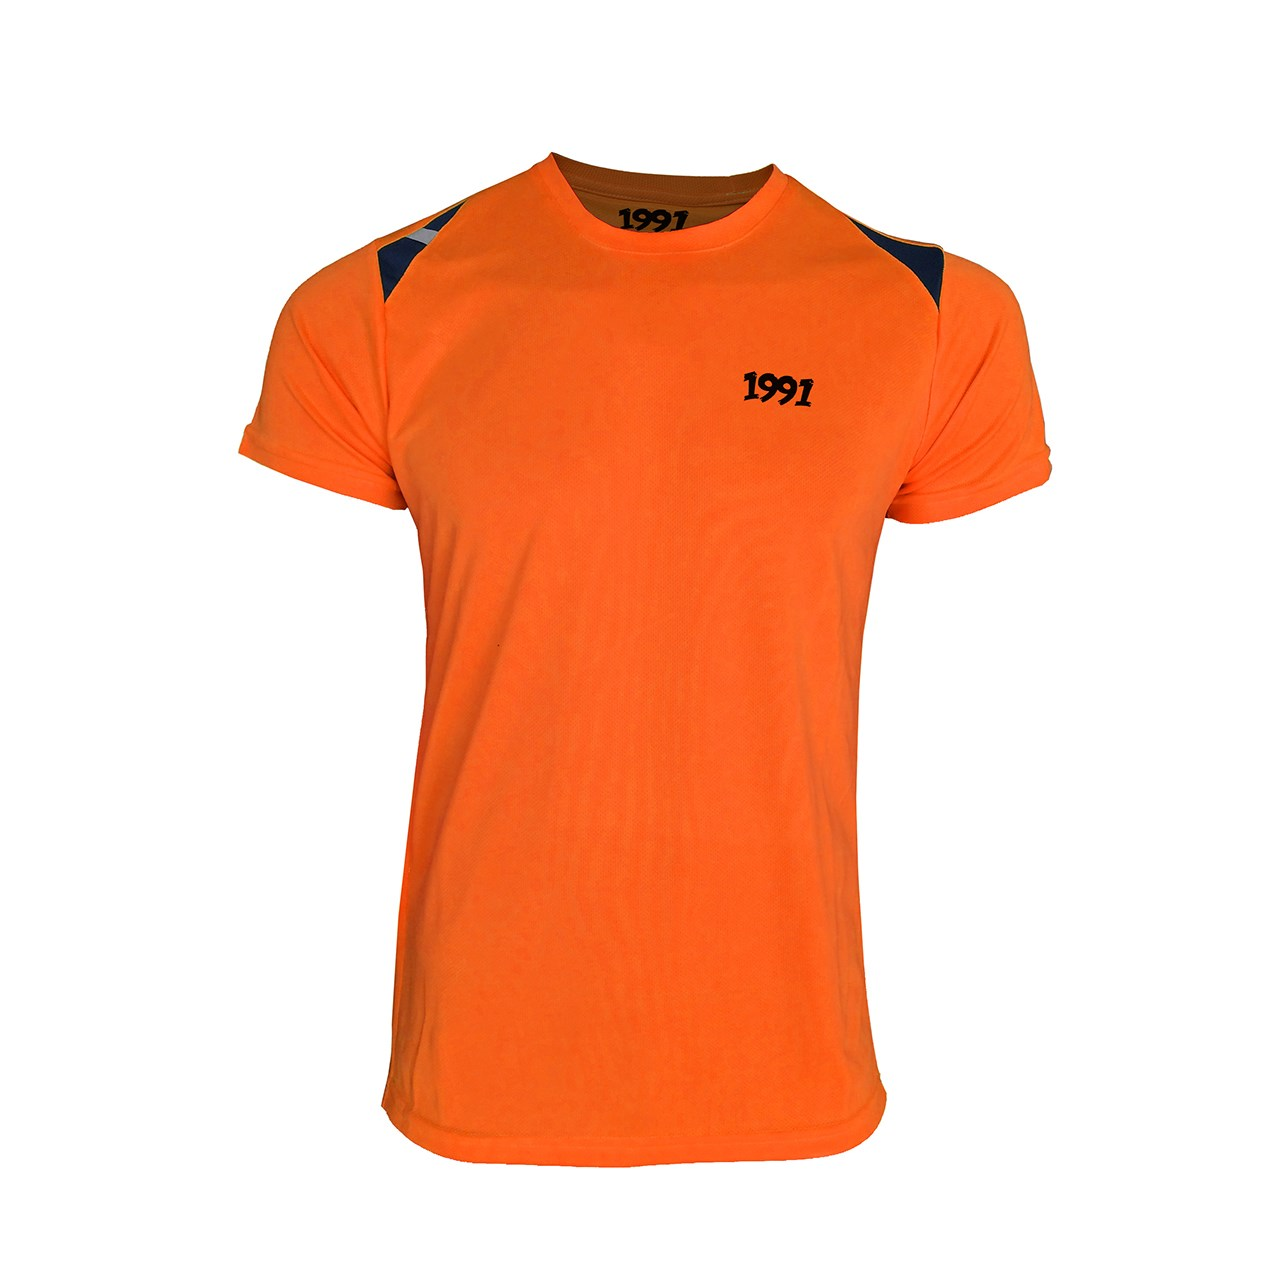 قیمت تی شرت مردانه 1991 اس دبلیو مدل Reflective Orangeblack